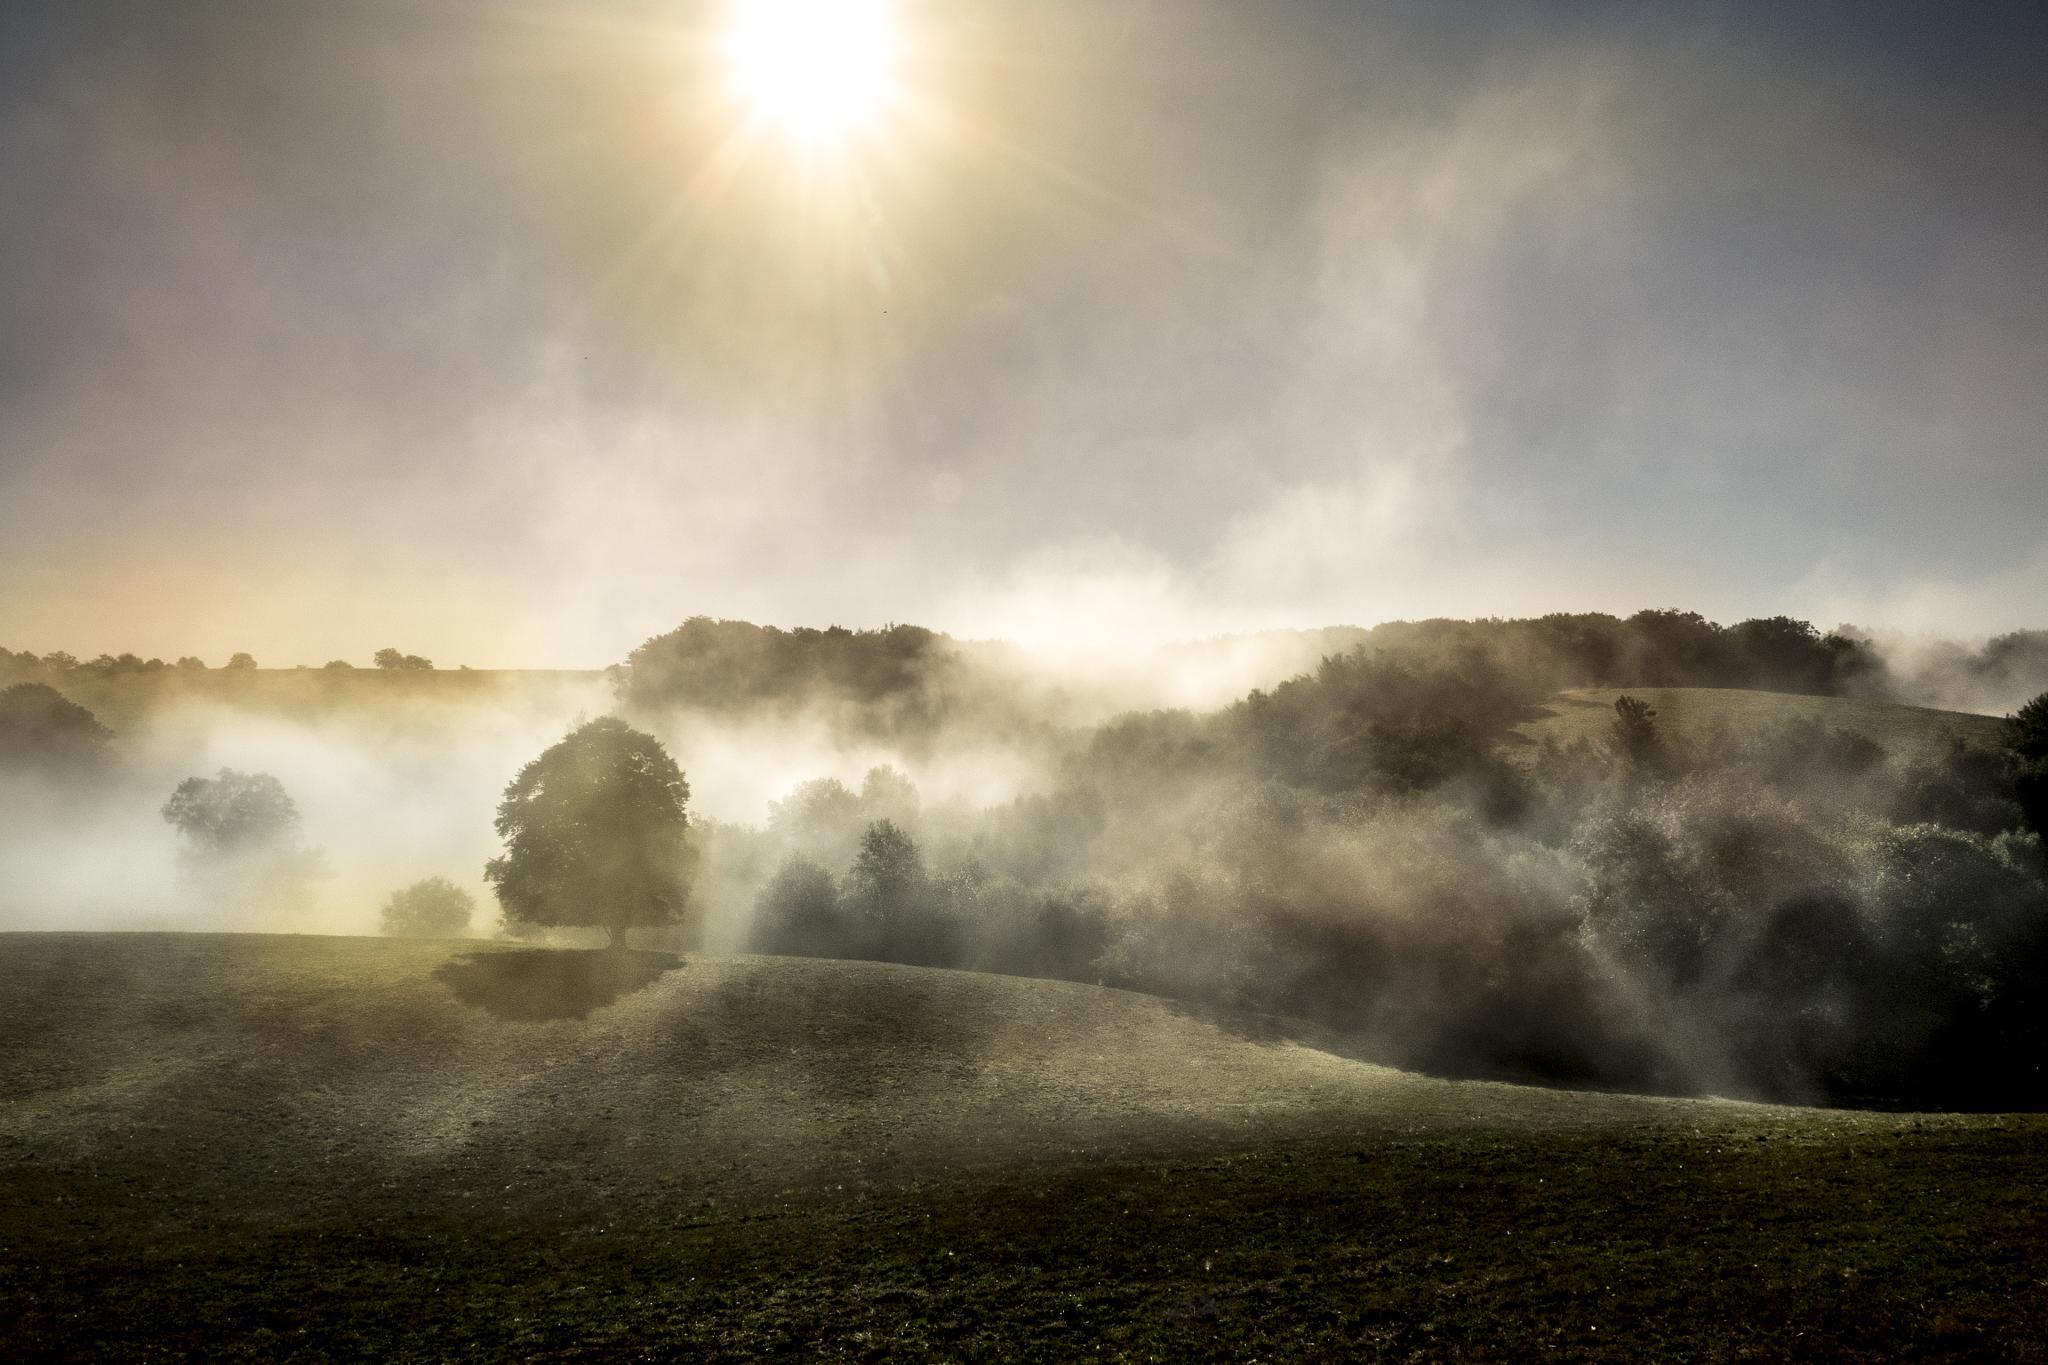 Haze and sun by Erik Jaud